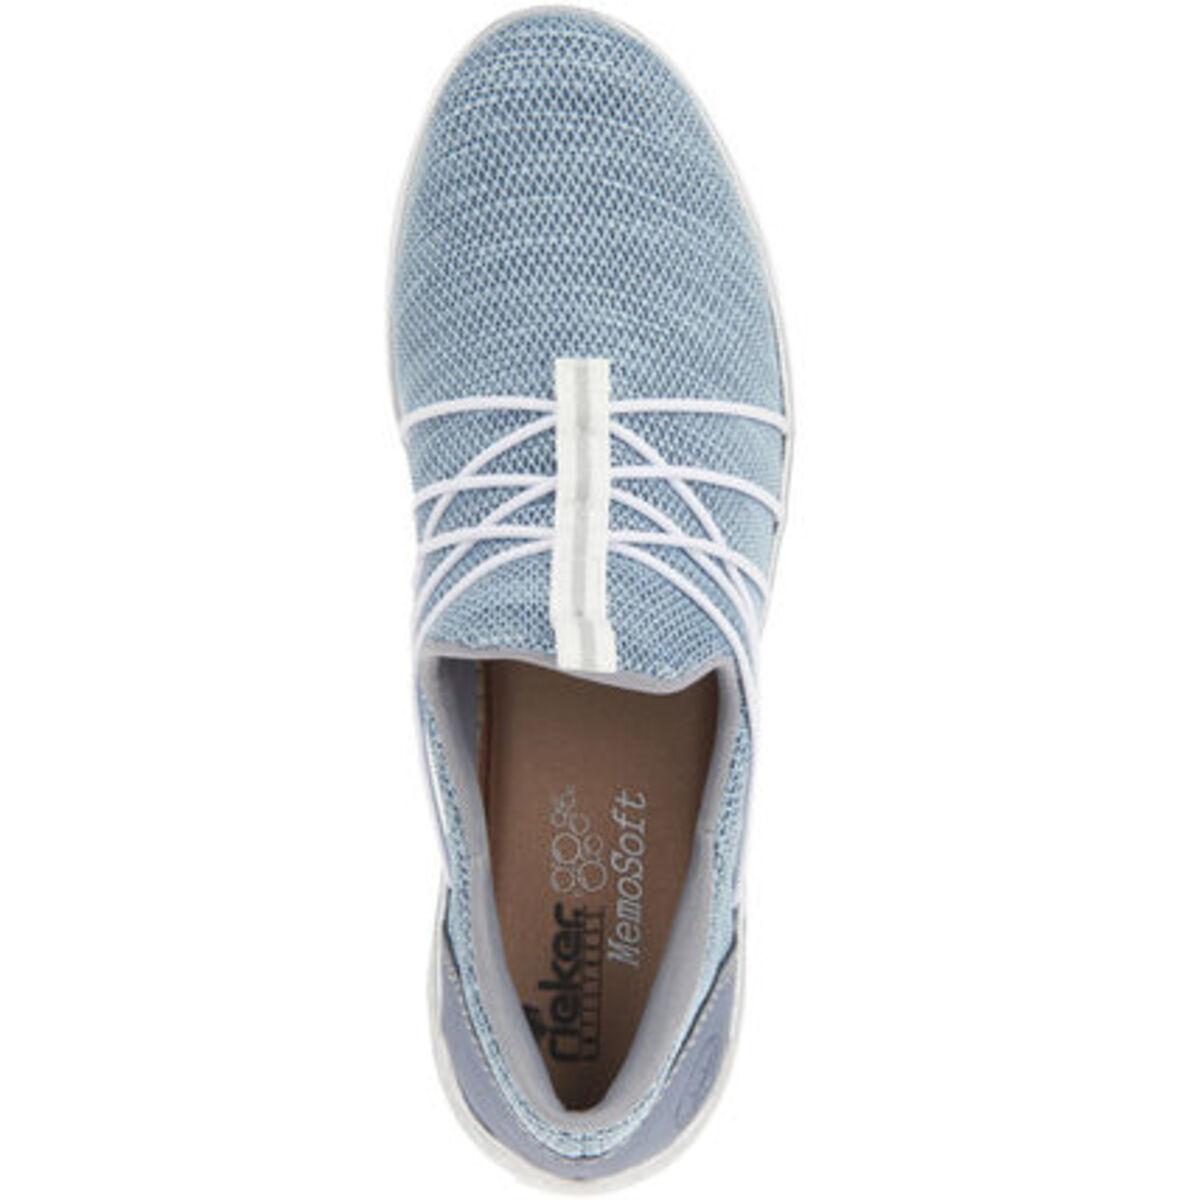 Bild 2 von Rieker Sneaker, Slipper, melierte Optik, für Damen